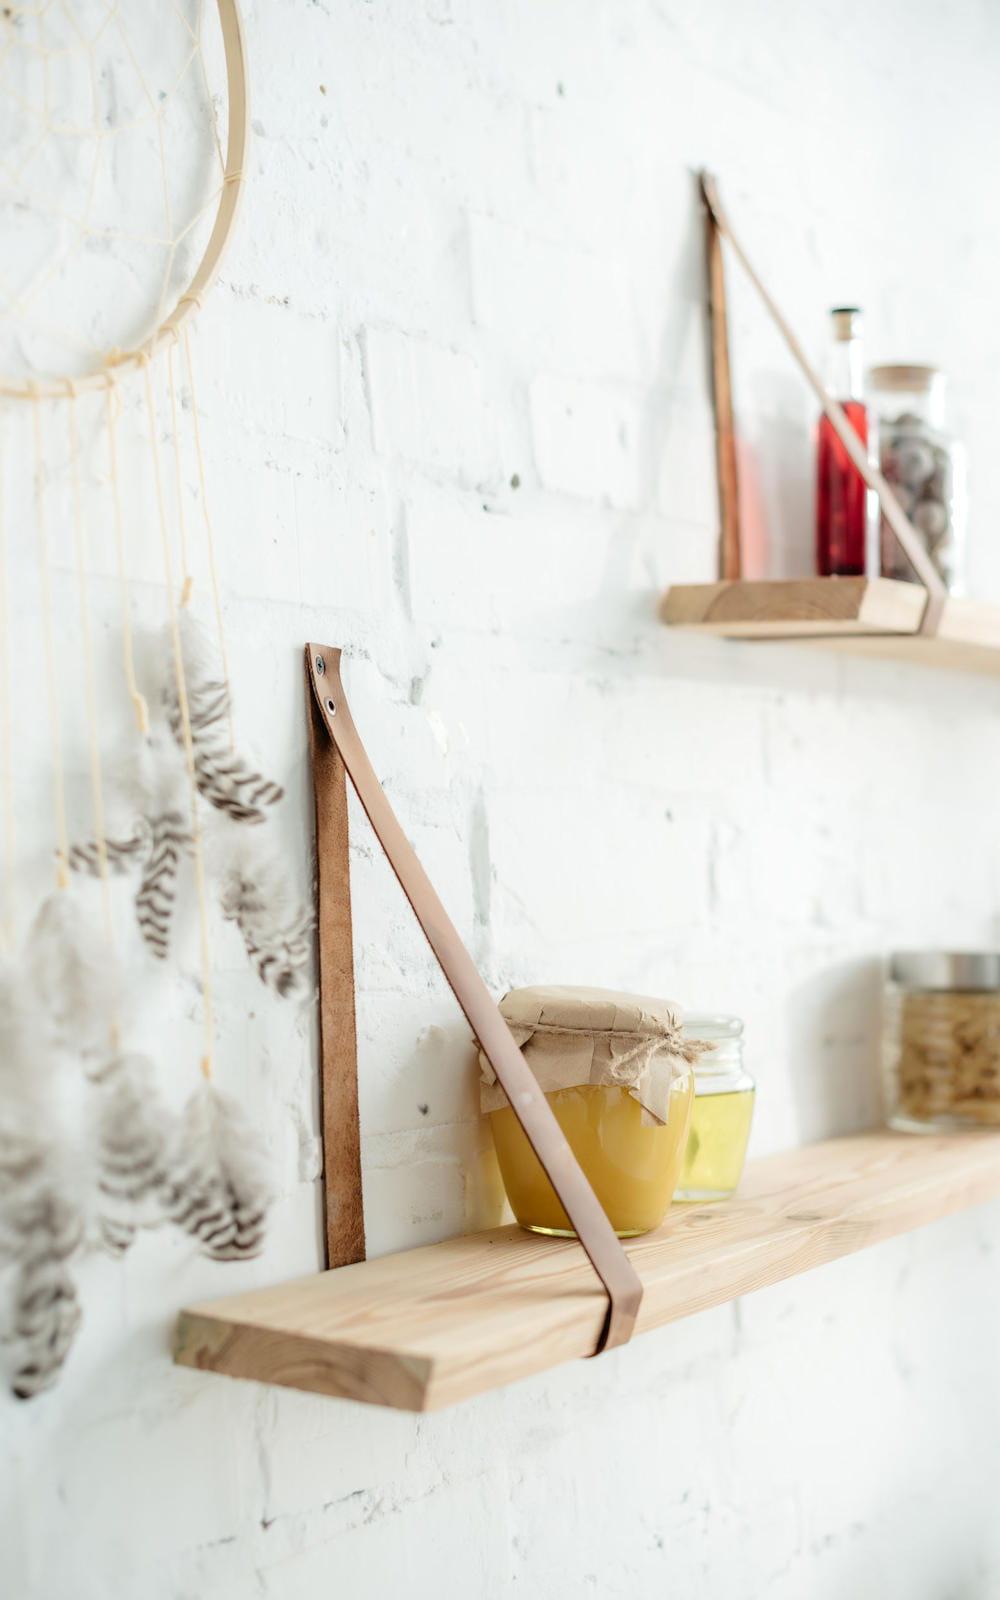 Comment Accrocher Une Guirlande Lumineuse Au Mur utiliser des chutes de bois pour faire des étagères